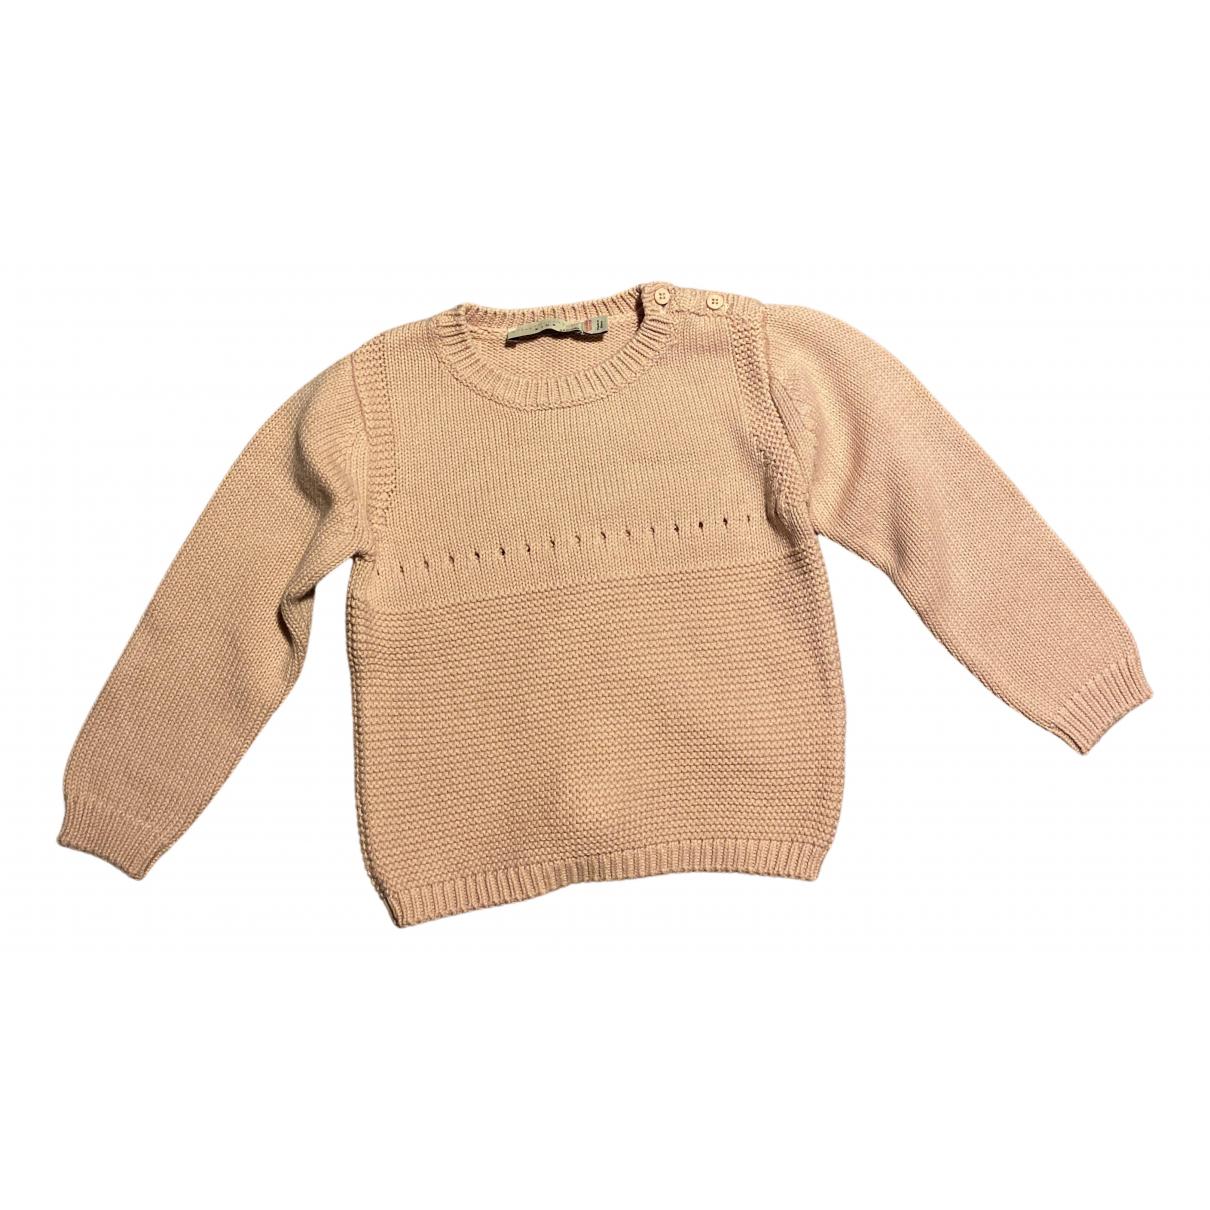 Stella Mccartney Kids N Beige Cotton Knitwear for Kids 2 years - up to 86cm FR